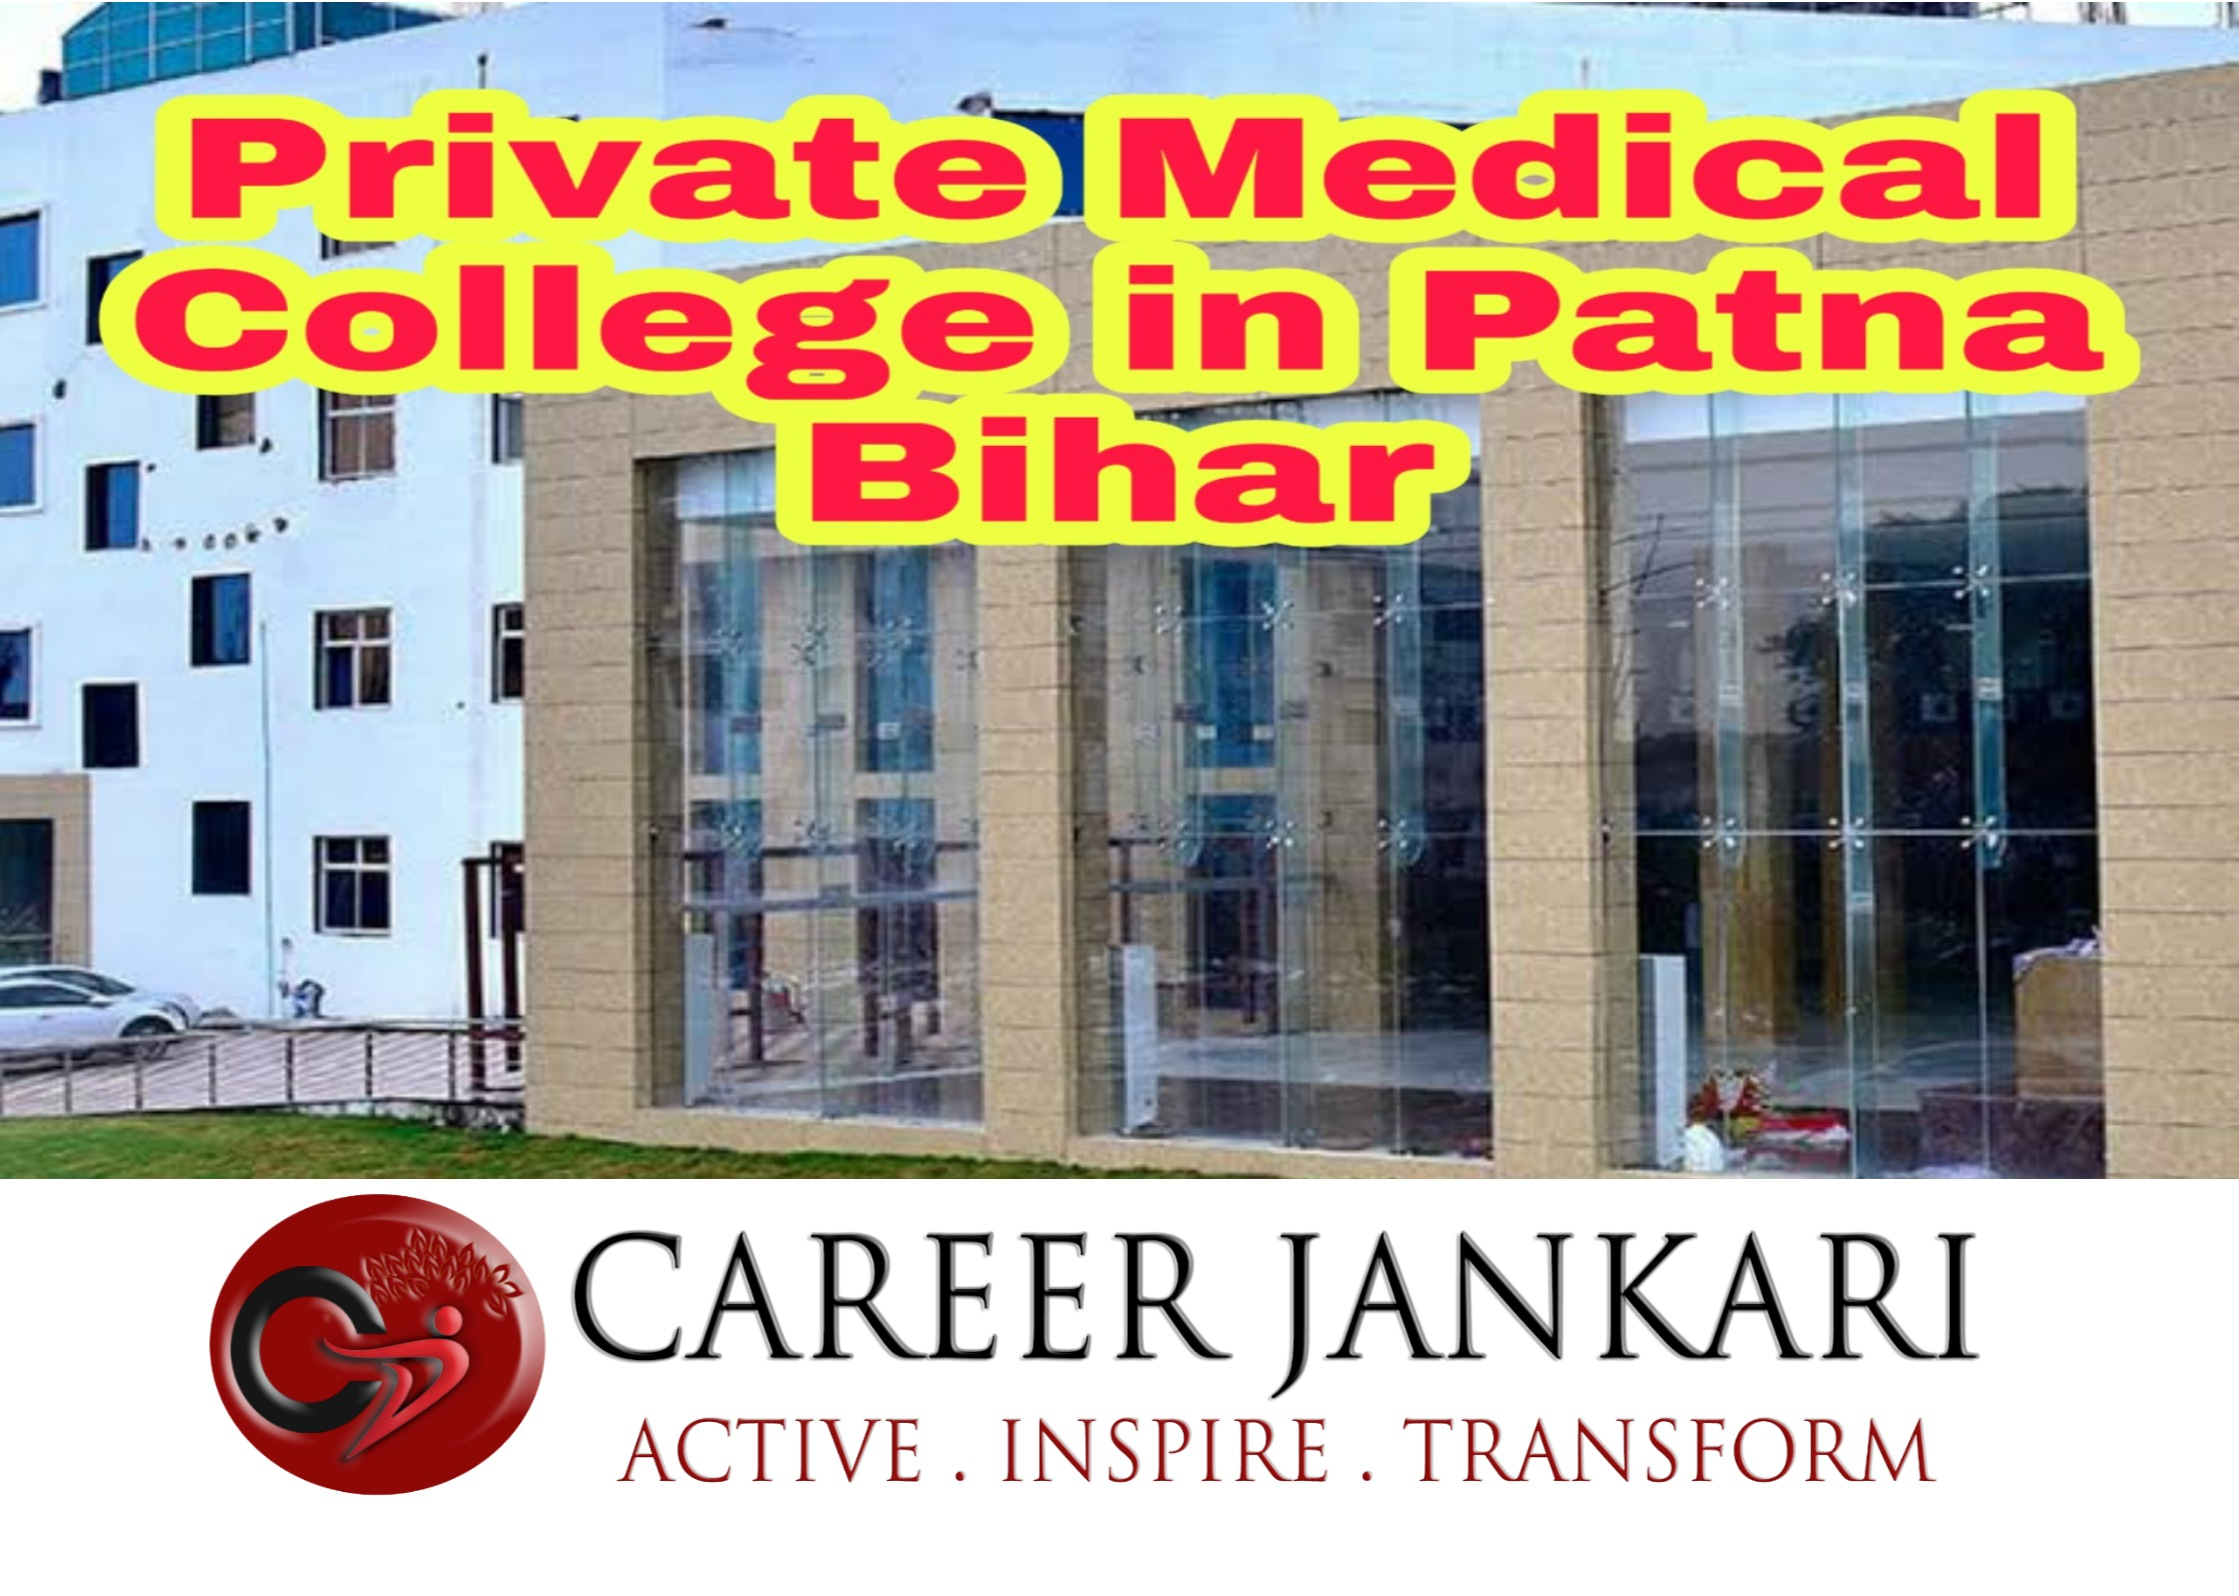 Private Medical College in Patna